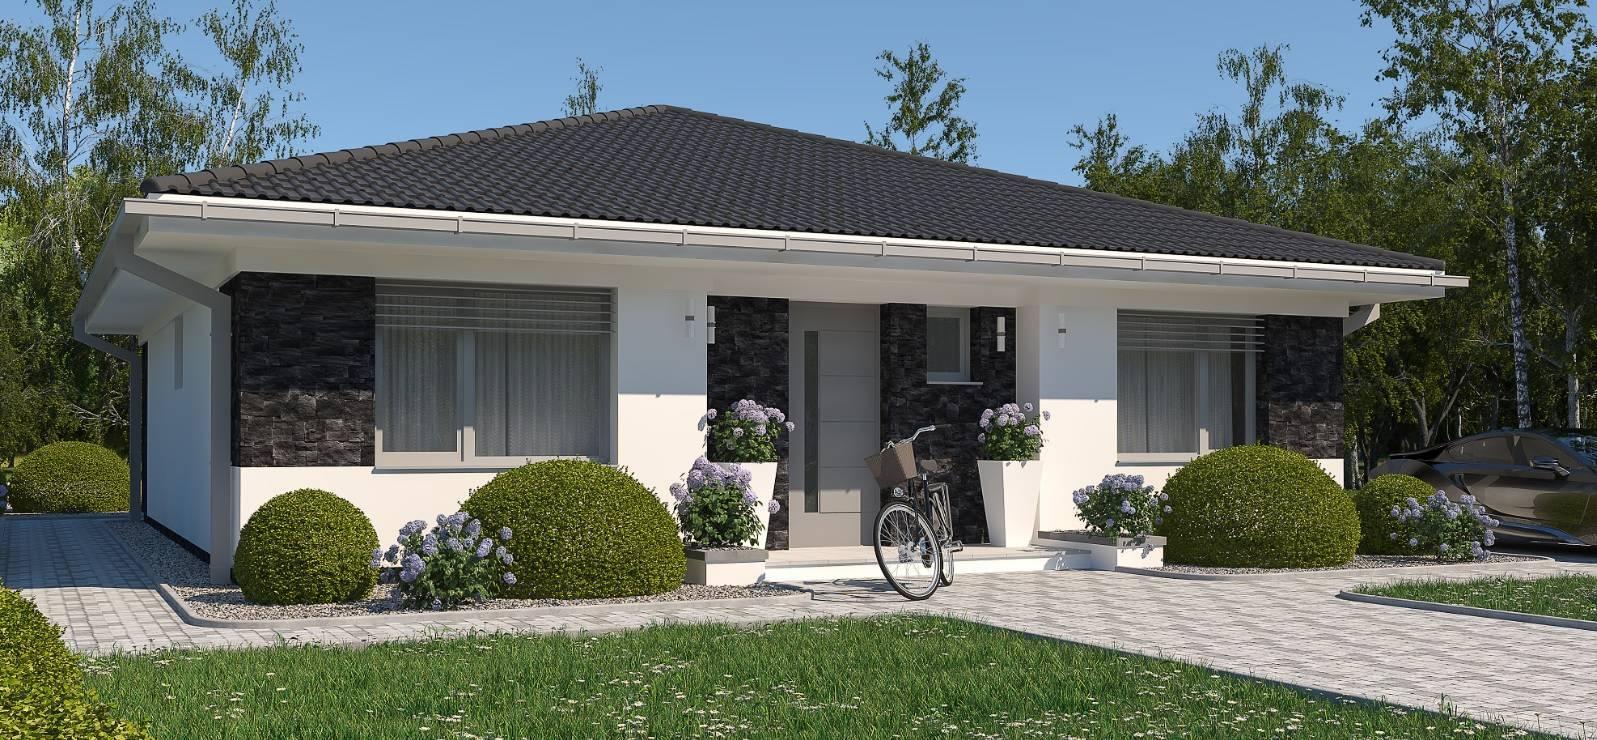 Na predaj novostavba 4izb, rodinného bungalovu  - Sučany, Slnečné Hrabiny